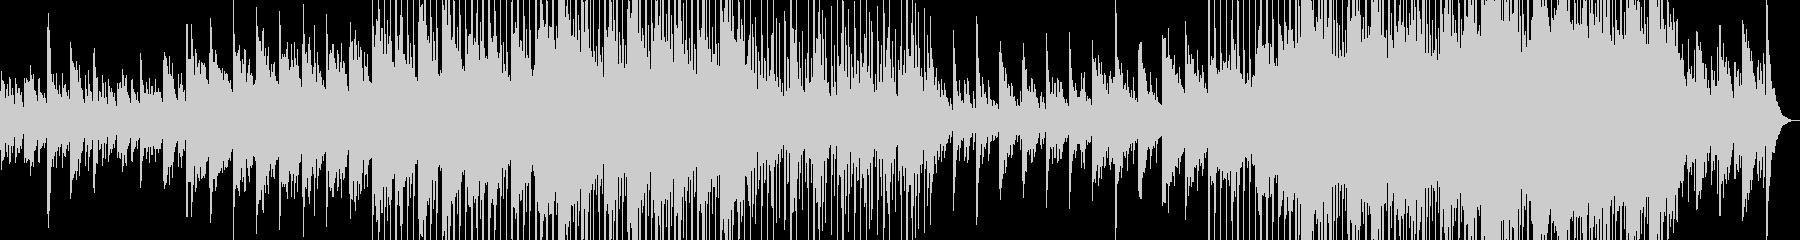 心休まるピアノのバラードの未再生の波形